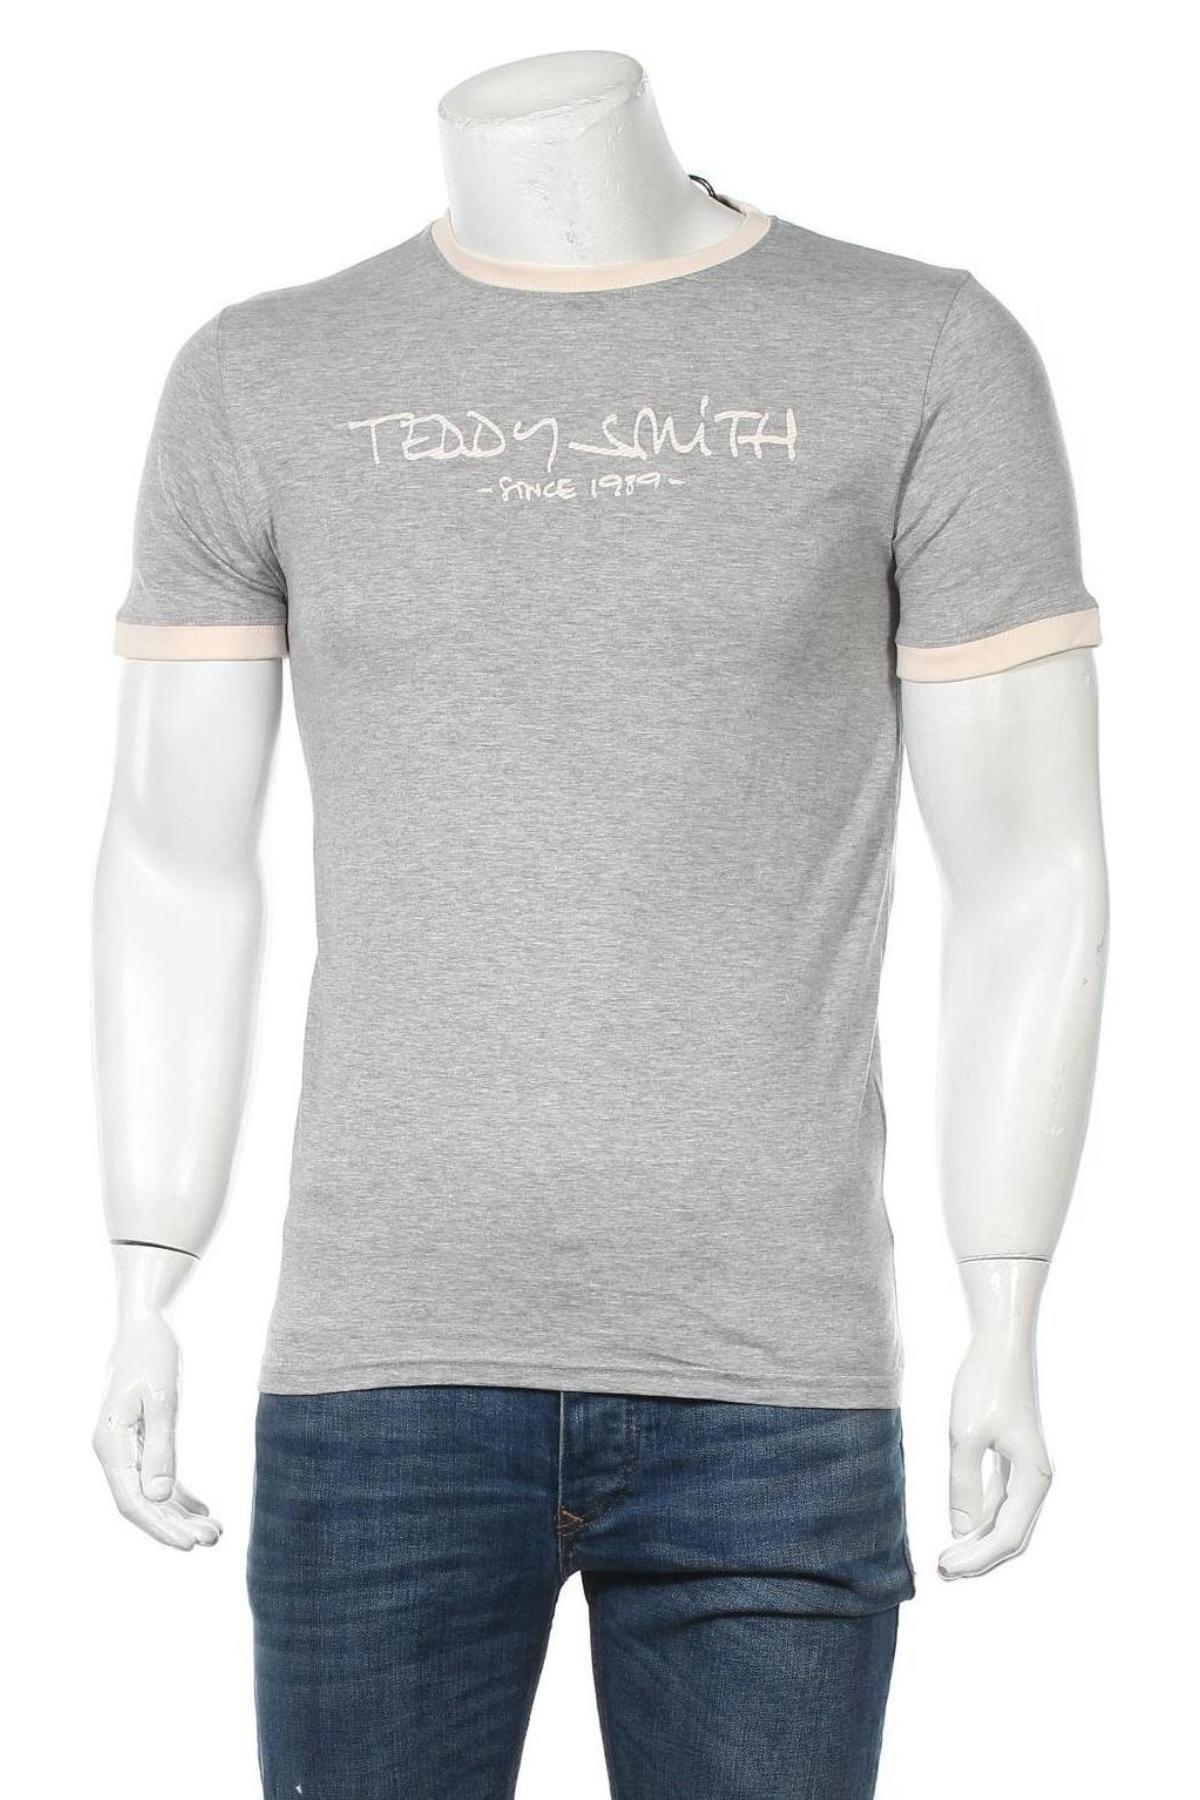 Мъжка тениска Teddy Smith, Размер M, Цвят Сив, 90% памук, 10% вискоза, Цена 7,14лв.